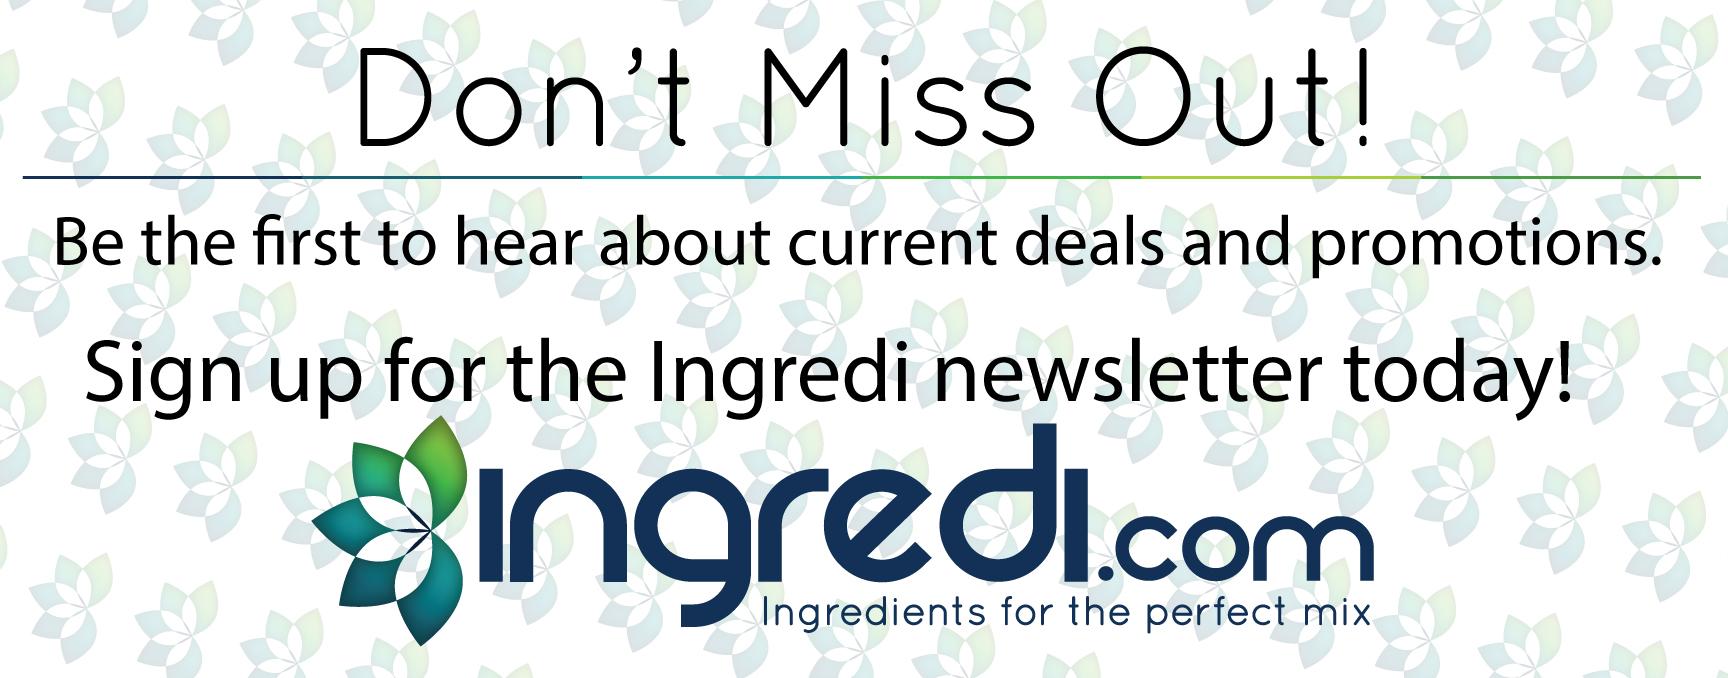 ingredi-newsletter.jpg